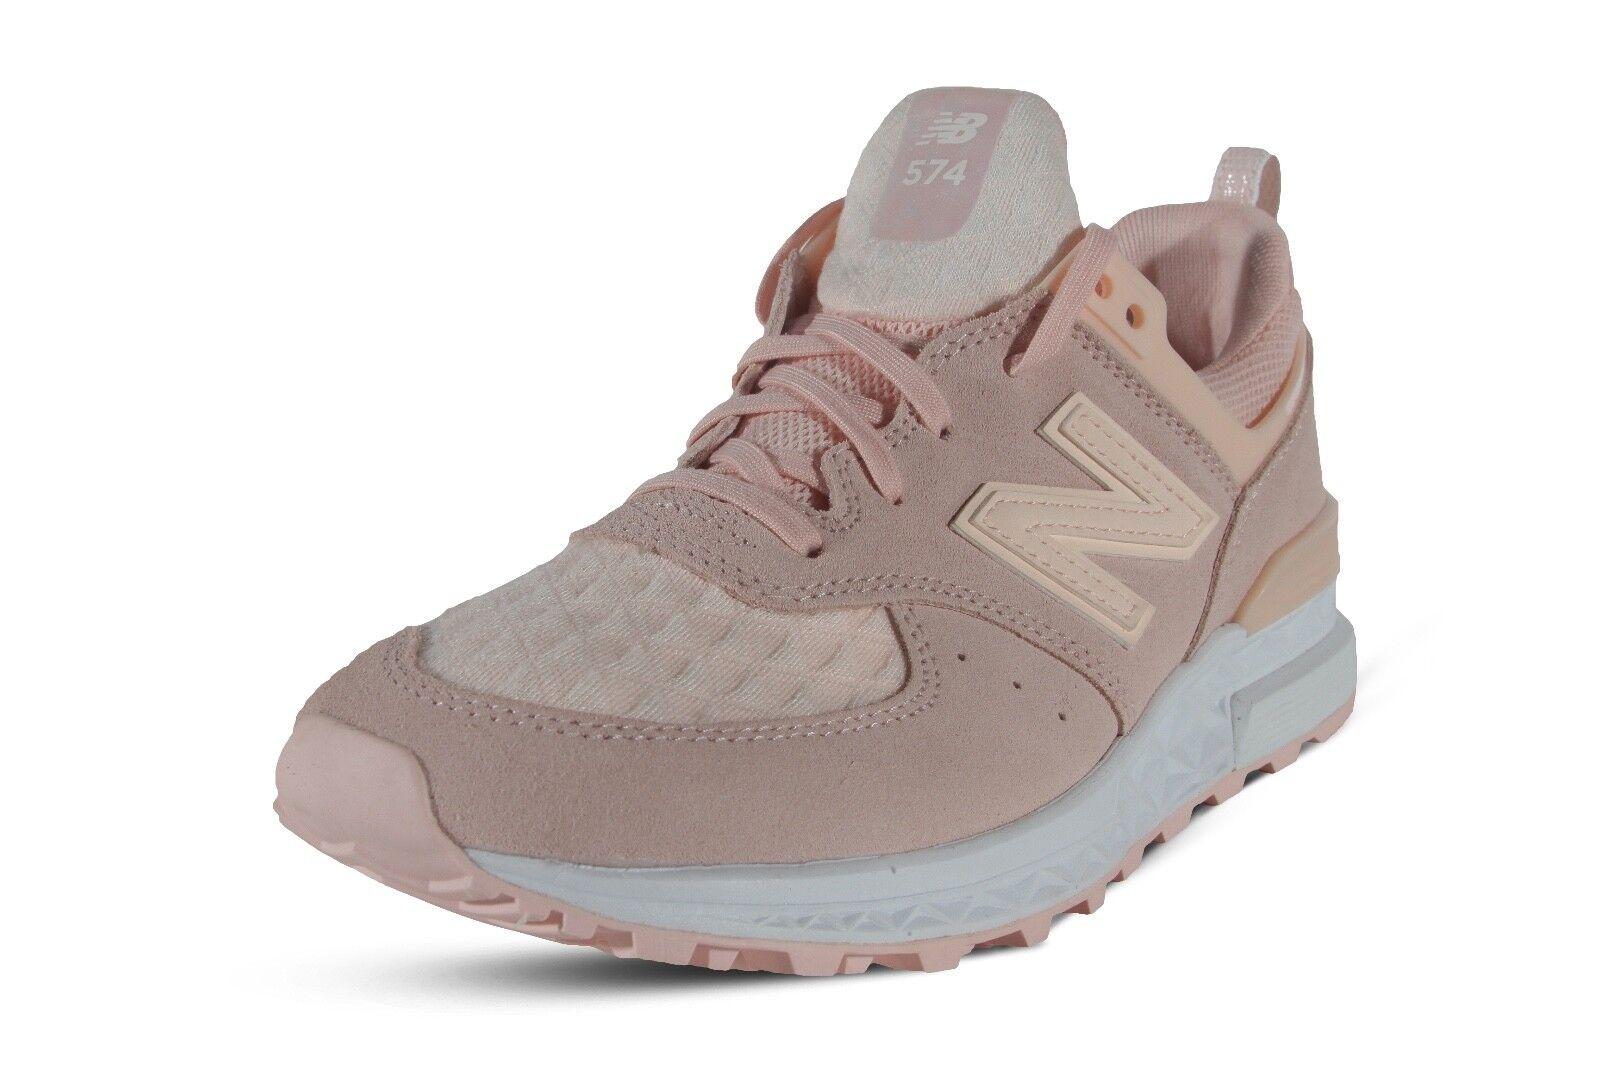 Venta barata New Balance De Mujer Zapatos Zapatos Zapatos 574 Sport Running Clásico WS574SNC Sol Glo  orden ahora disfrutar de gran descuento